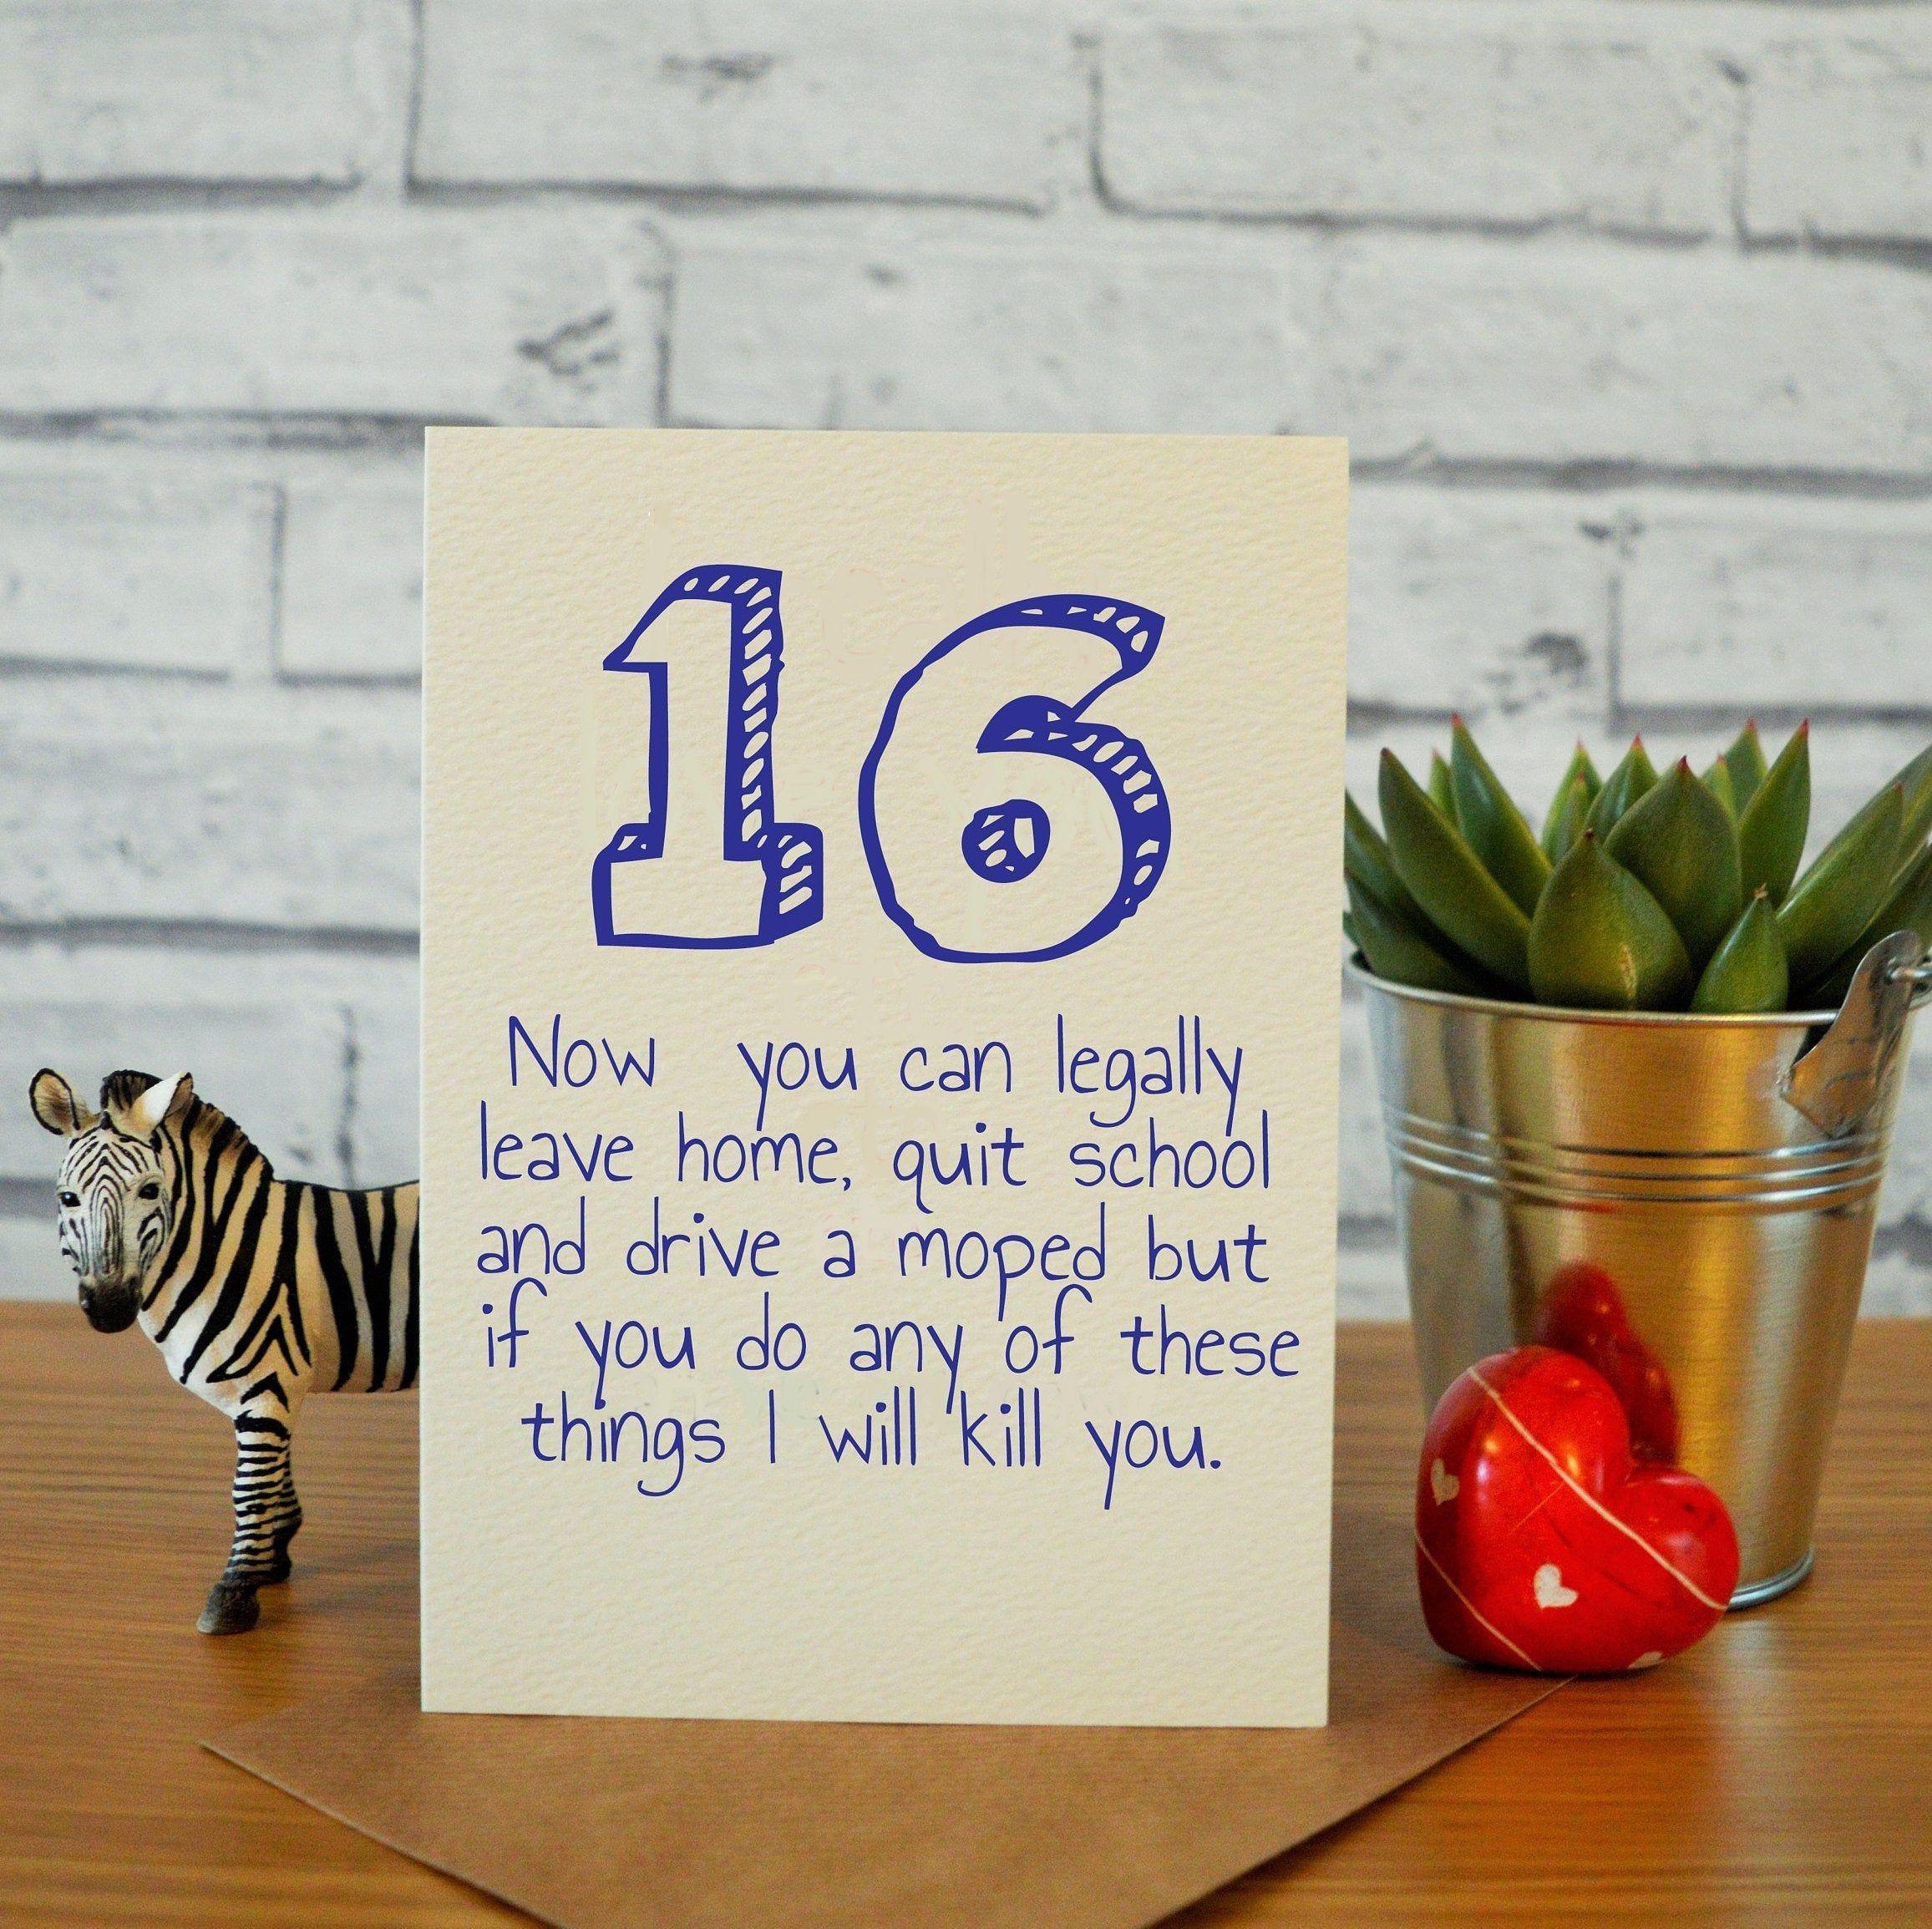 16th Birthday Card Son Funny 16th Birthday Card Brother 16th Birthday Card Son 16th Birthday Gift Brother 16th Birthday Gift Nephew 16 16th Birthday Card 16th Birthday Gifts Funny Birthday Cards